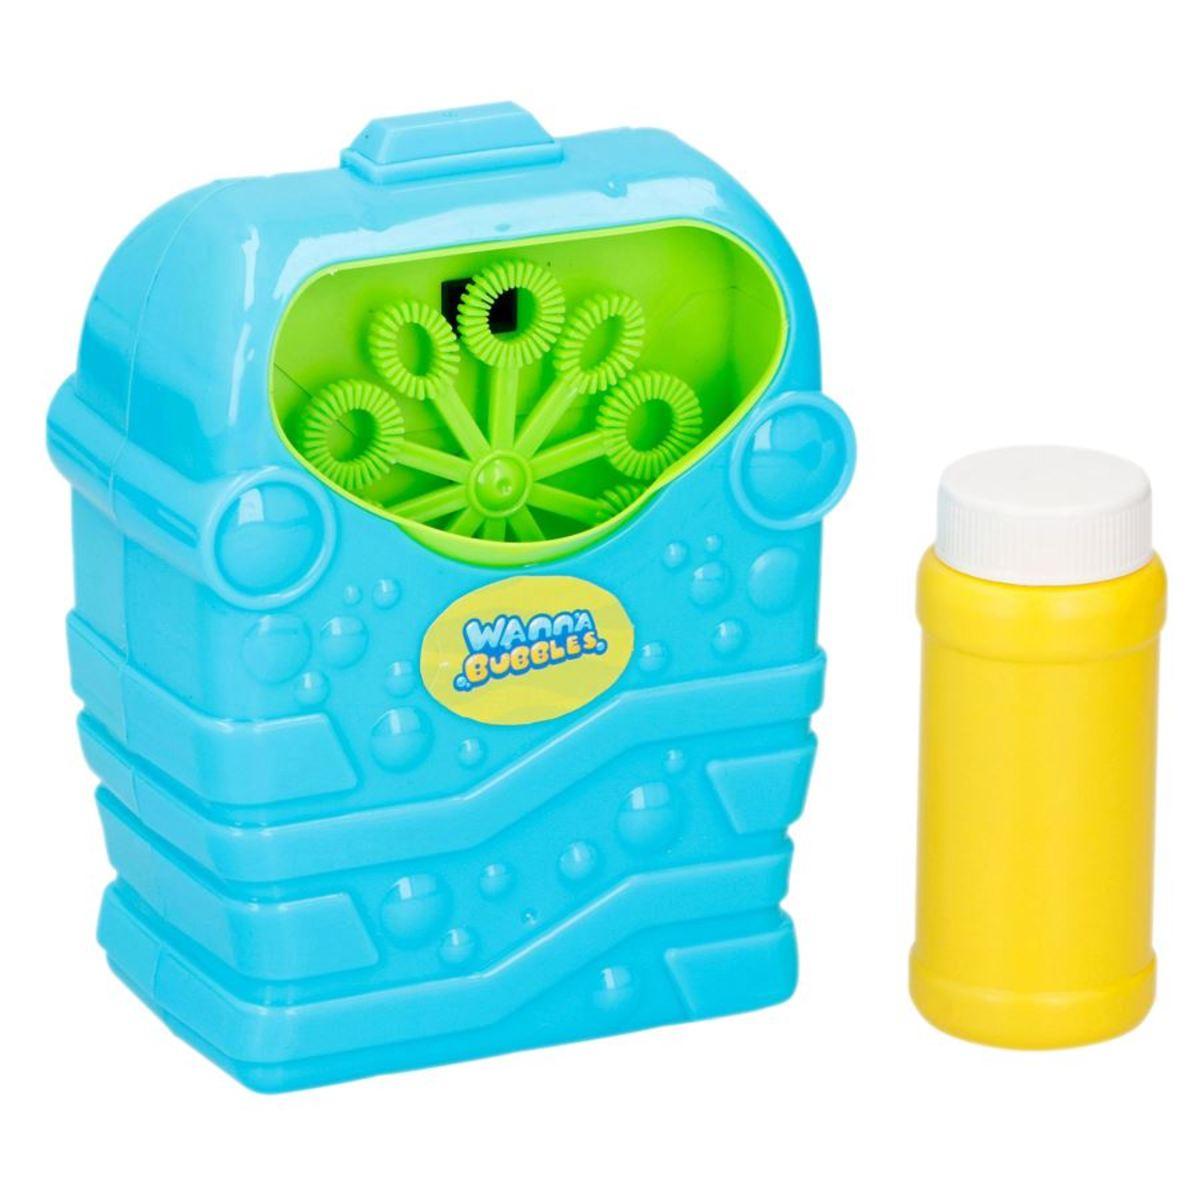 Bild 2 von Bubblez Seifenblasenmaschine mit Seifenwasser 118ml